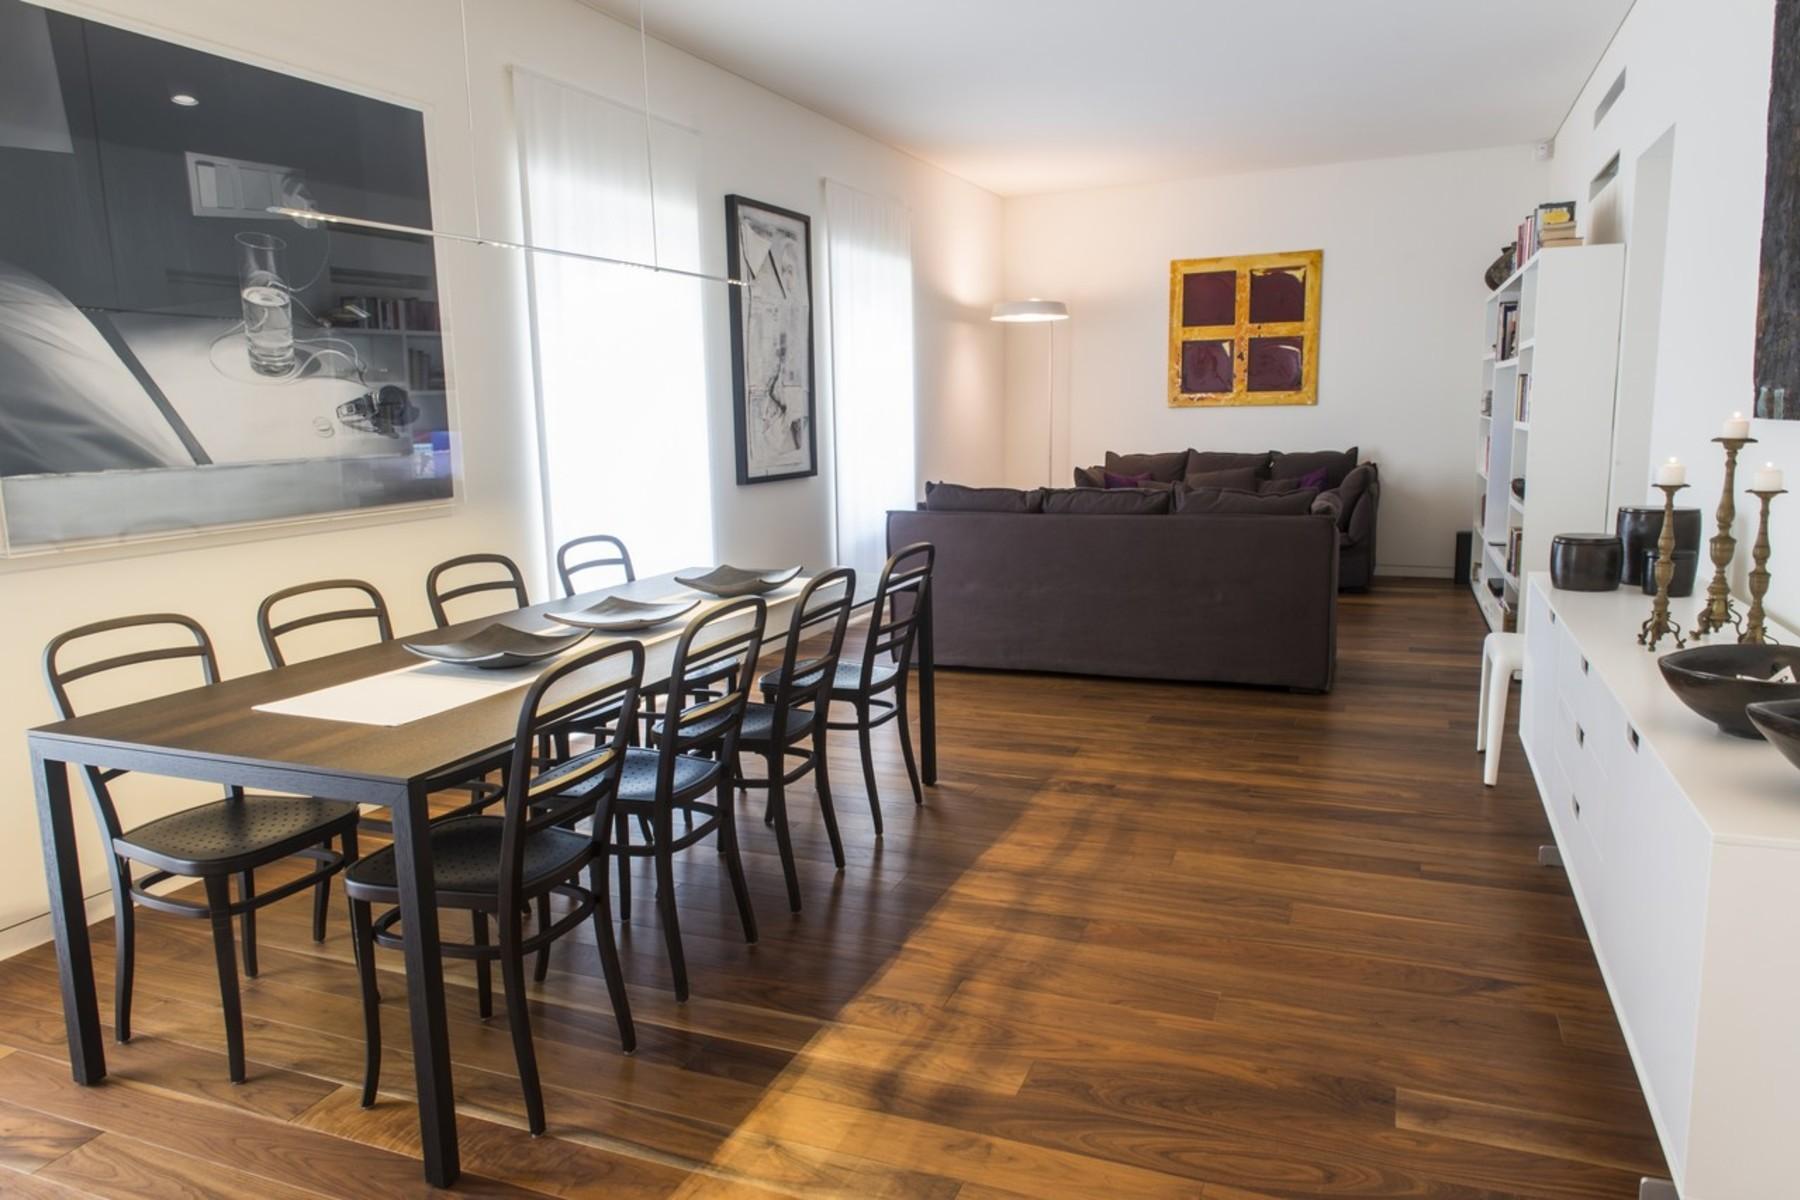 Appartement pour l à vendre à Prestigious apartment in the pedestrian area in Lugano city centre Lugano, Ticino, 6900 Suisse